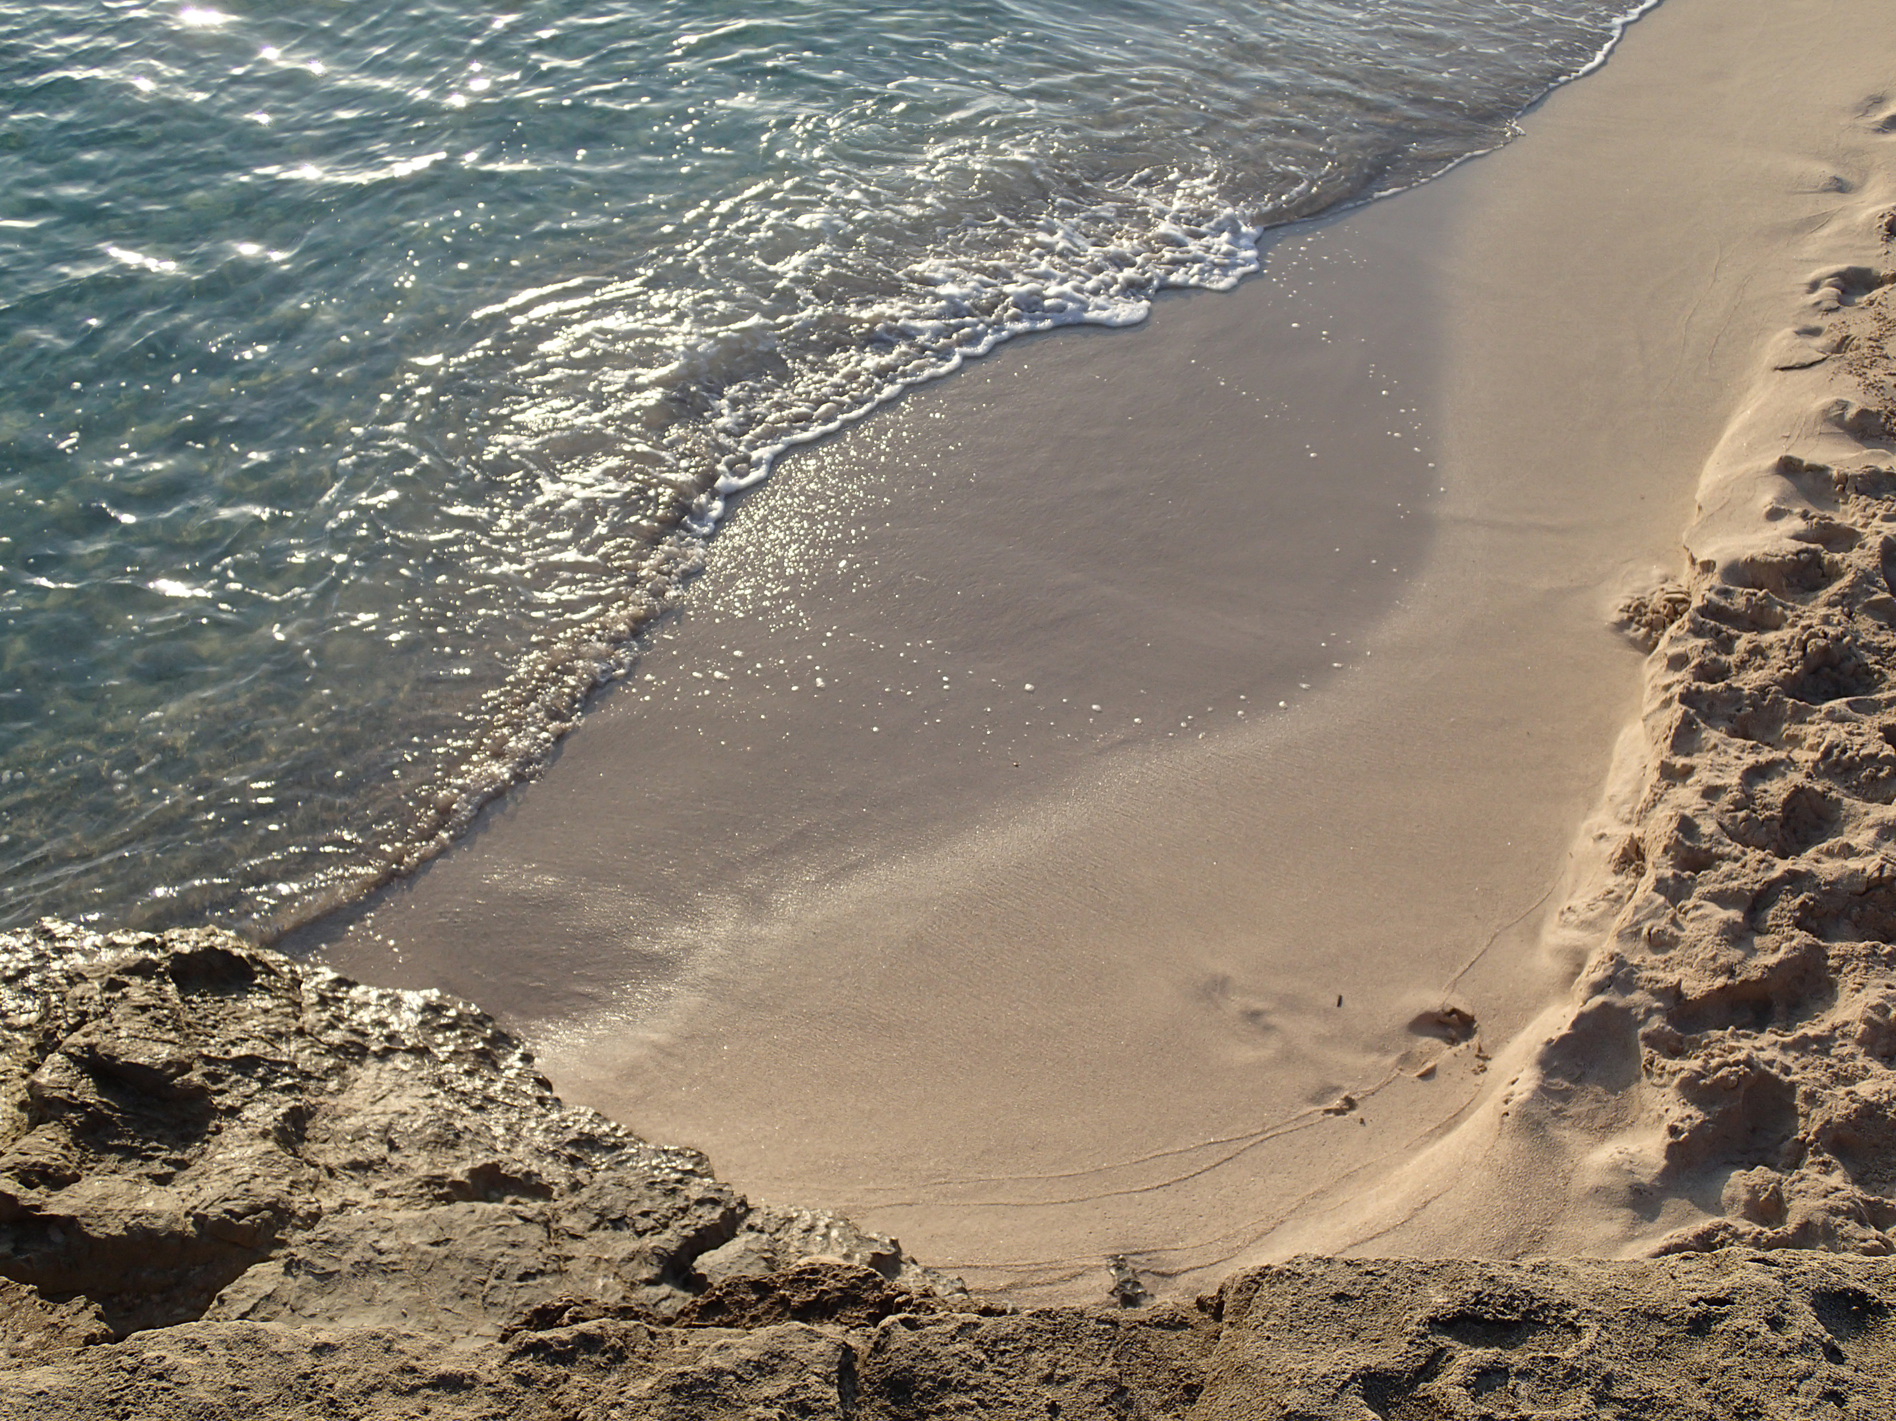 Foto am Wasser, kleine Welle spült sich an den Strand; Mallorca, by Katja Backes-Neuninger, kbn-design.de